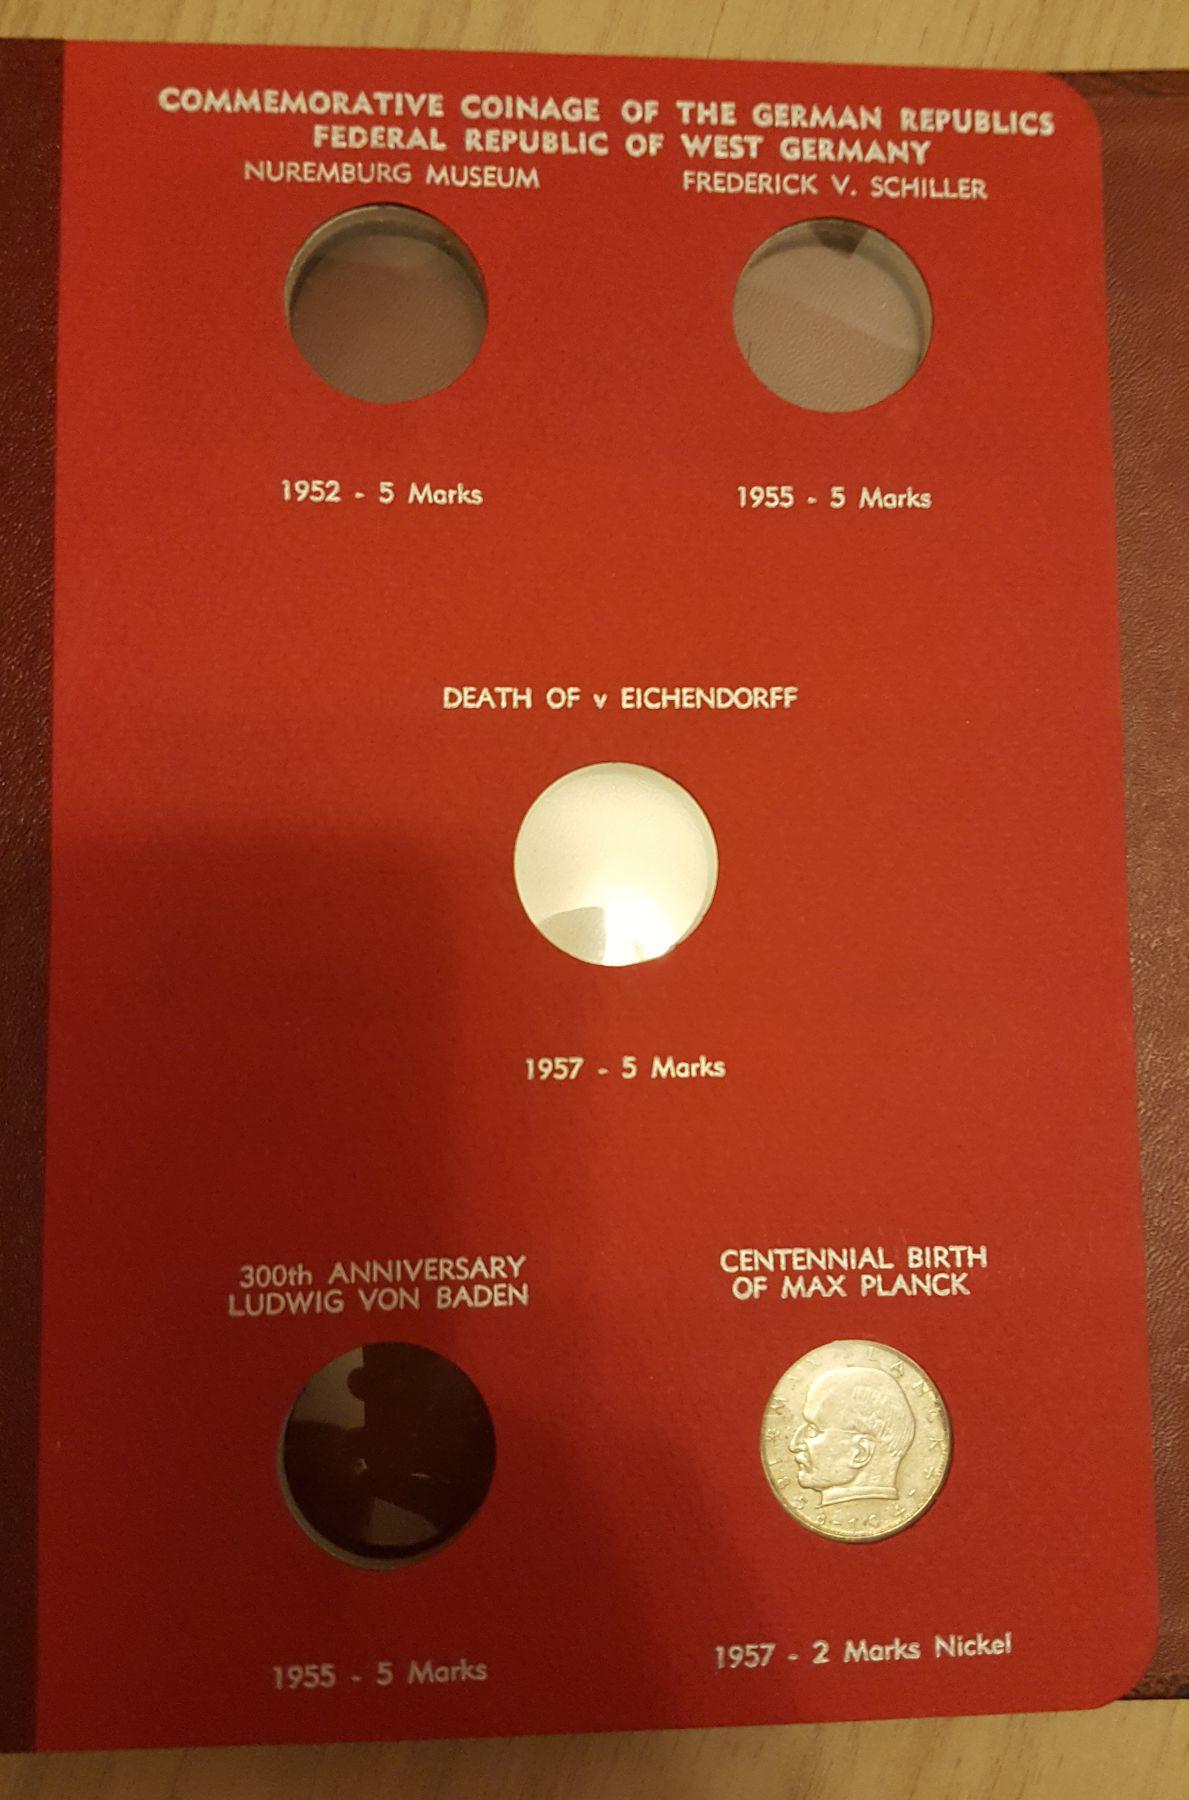 Monedas Conmemorativas de la Republica de Weimar y la Rep. Federal de Alemania 1919-1957 20170406_082745